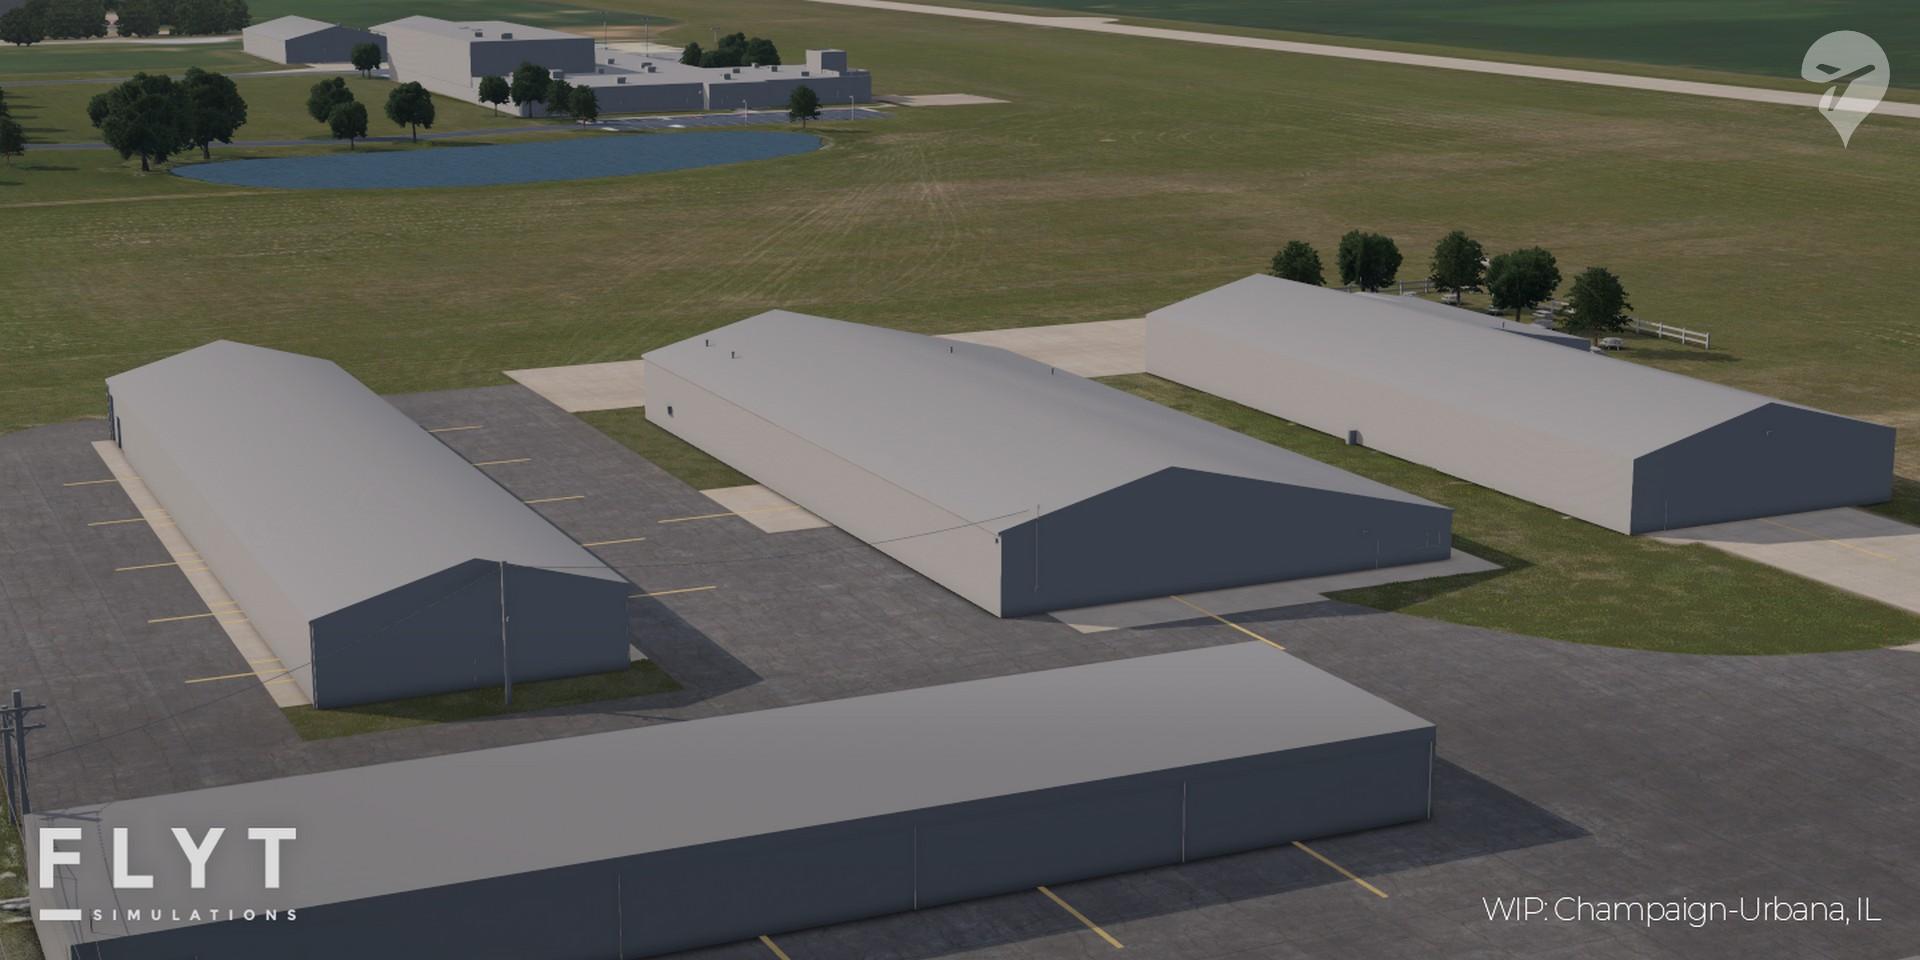 FLYT Simulations University Of Illinois Willard Airport 06